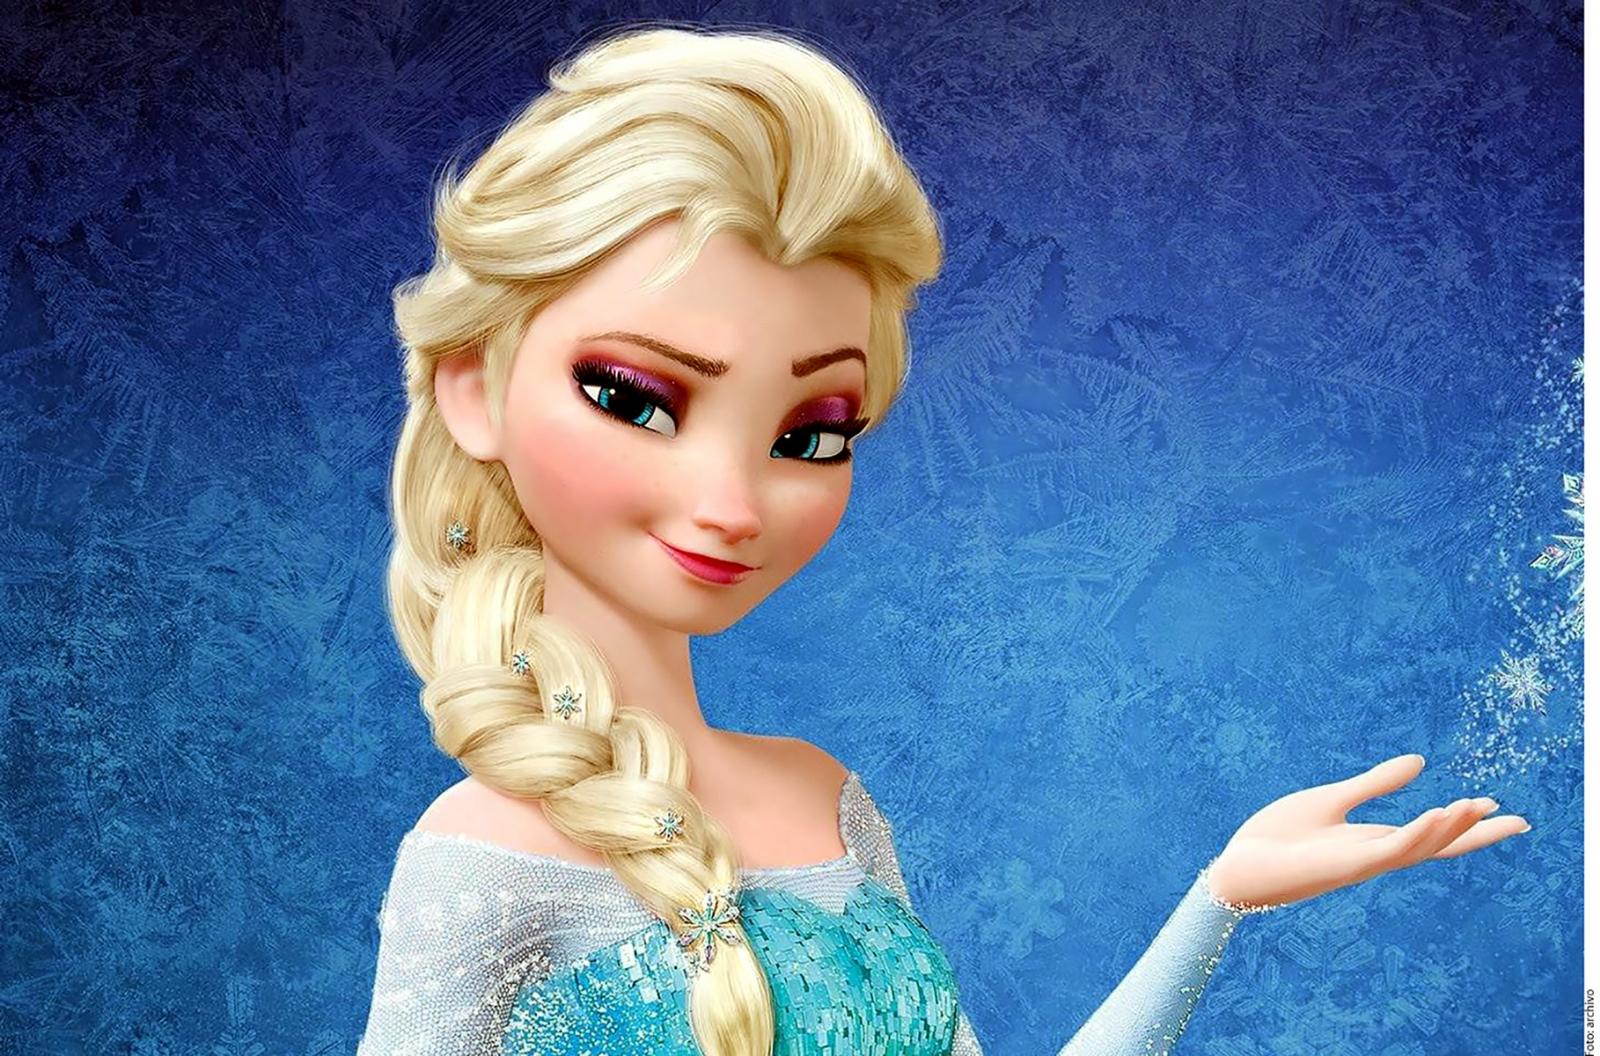 Músico chileno demanda a Disney por plagio en canción de